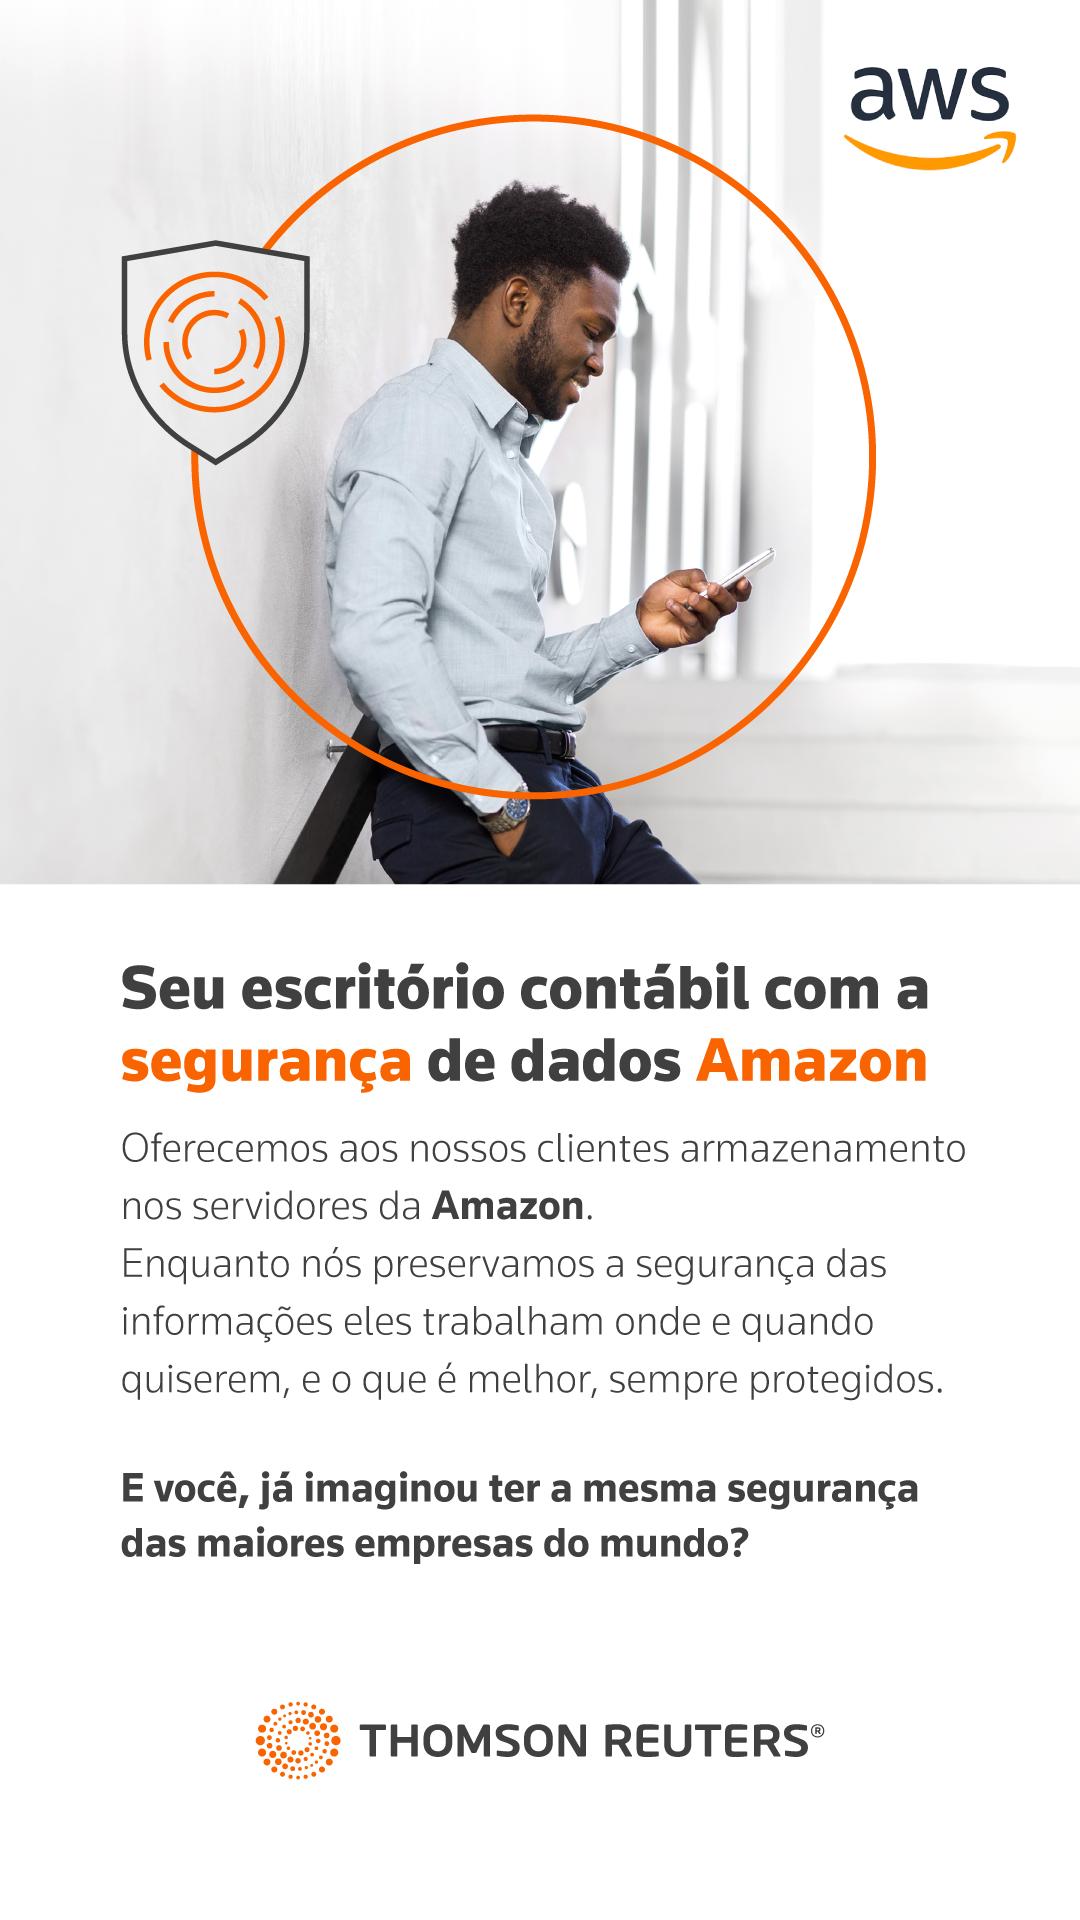 Seu escritório contábil com a segurança de dados Amazon